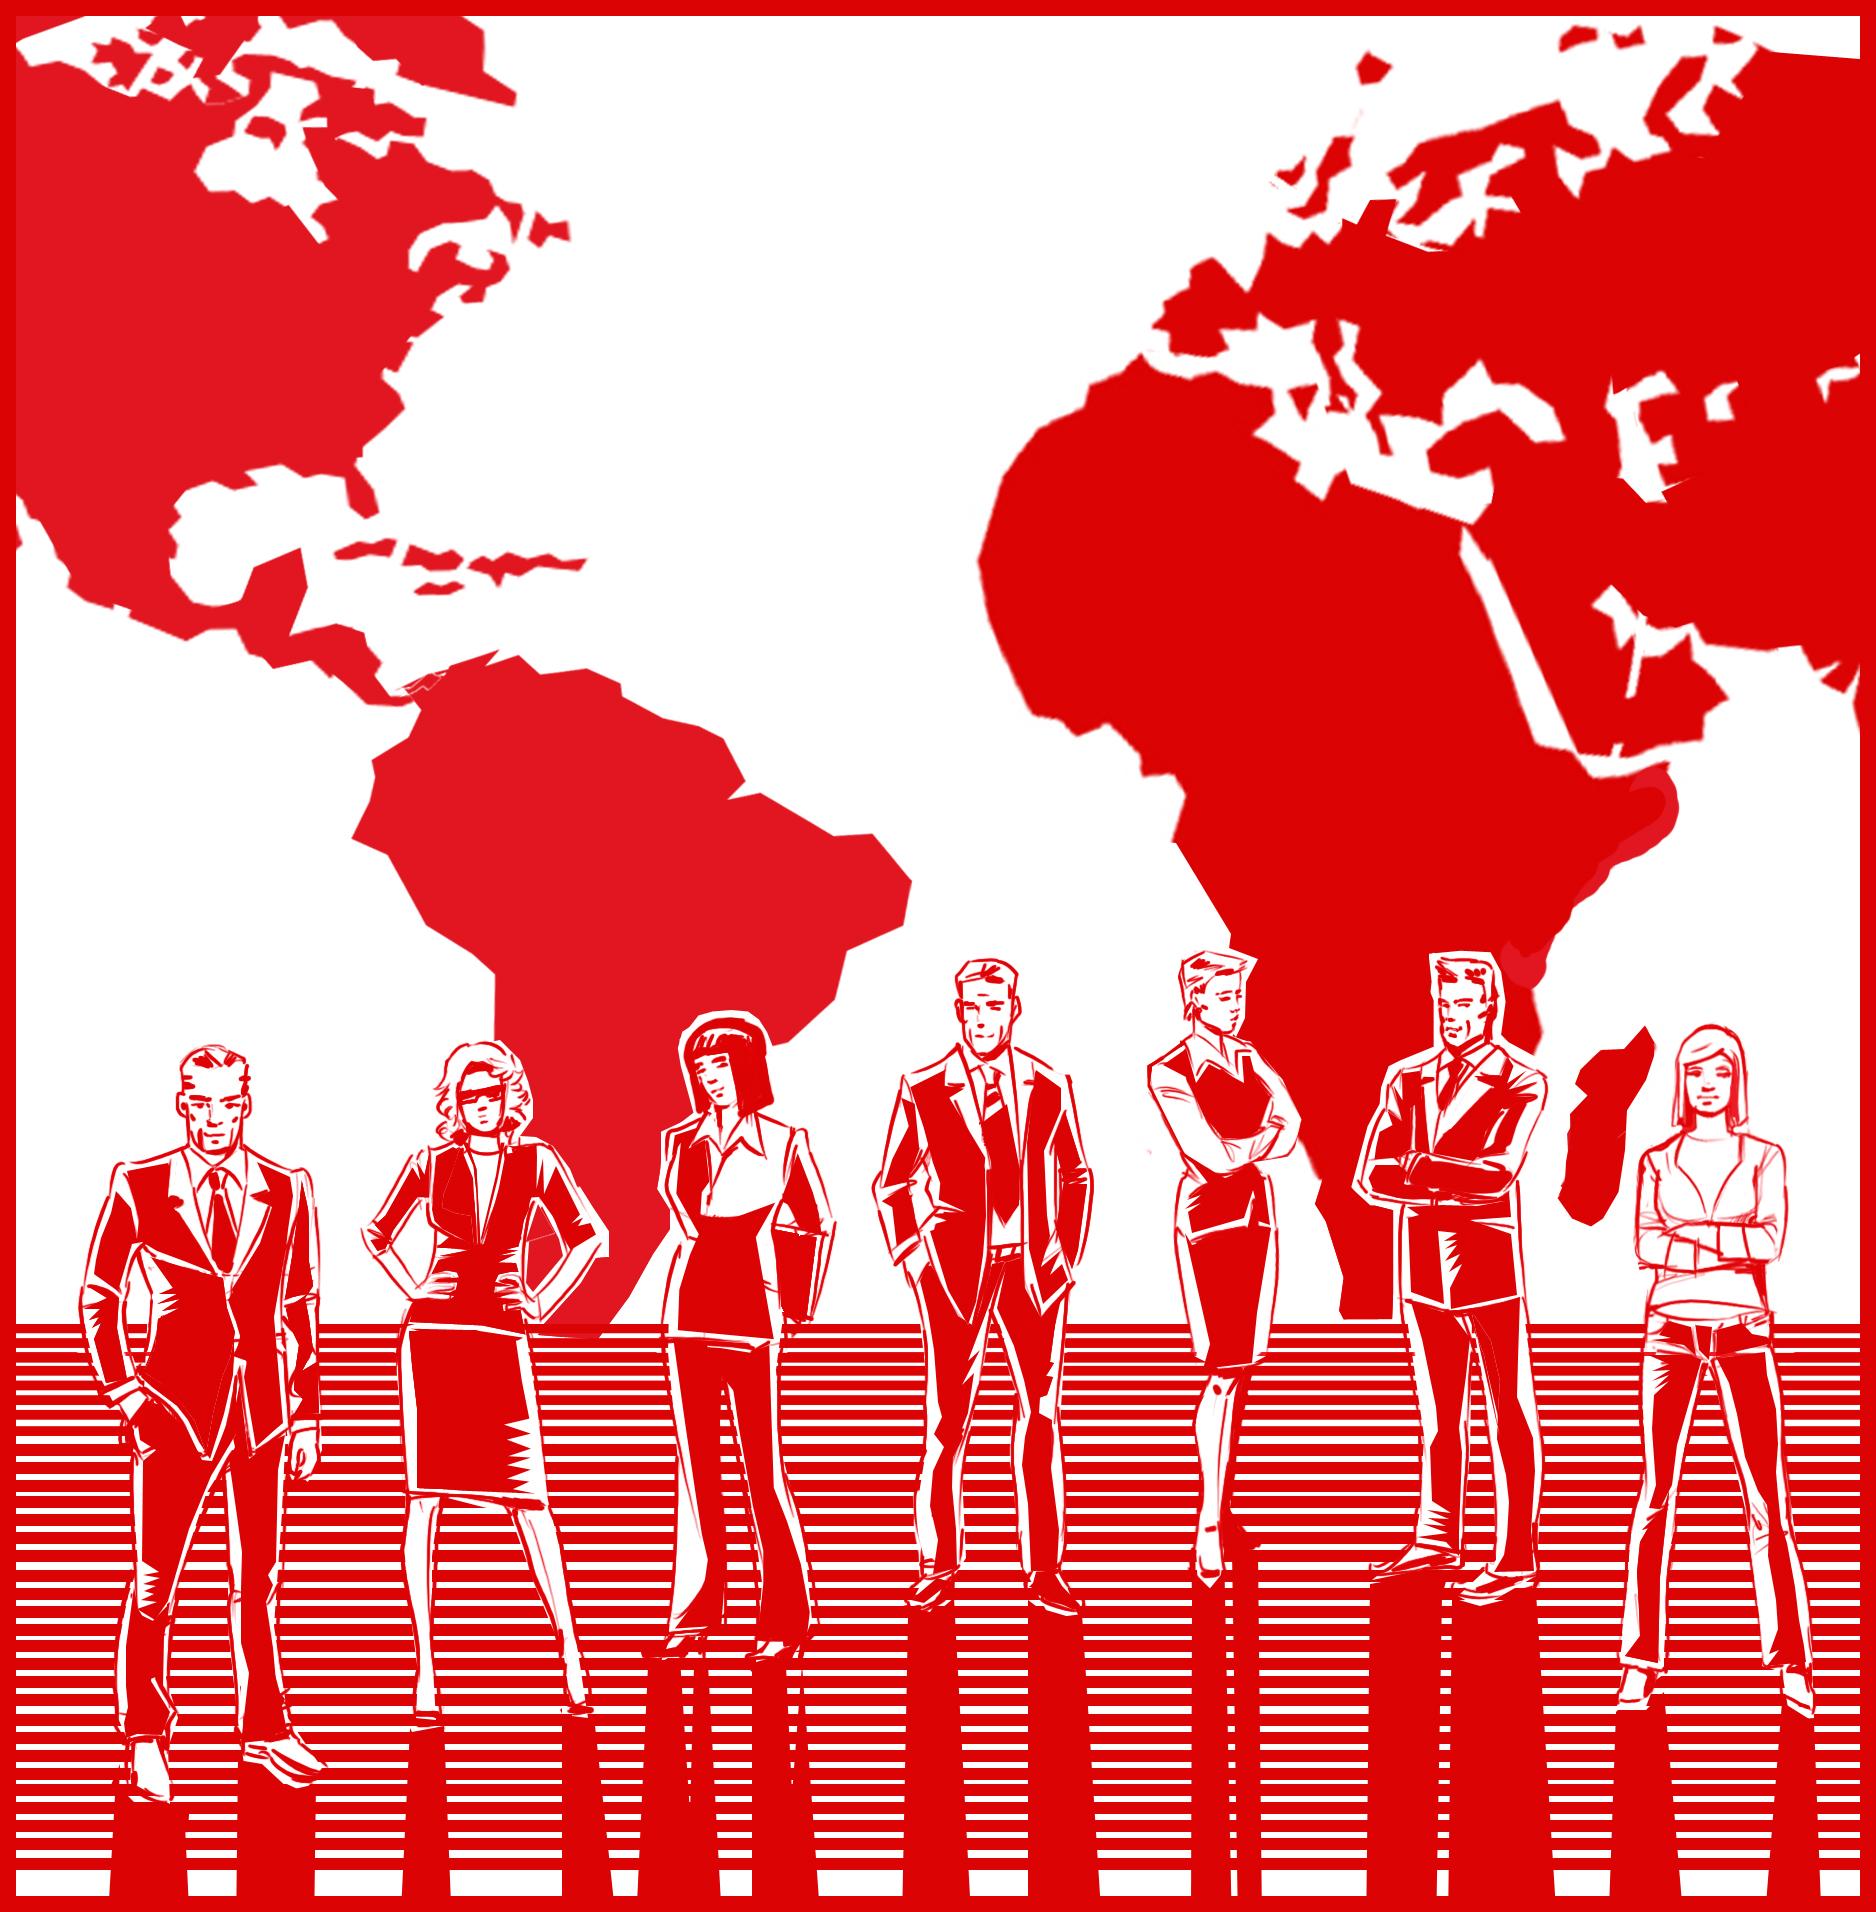 Конкурс на создание международных лабораторий Новости Окна  Конкурс на создание международных лабораторий